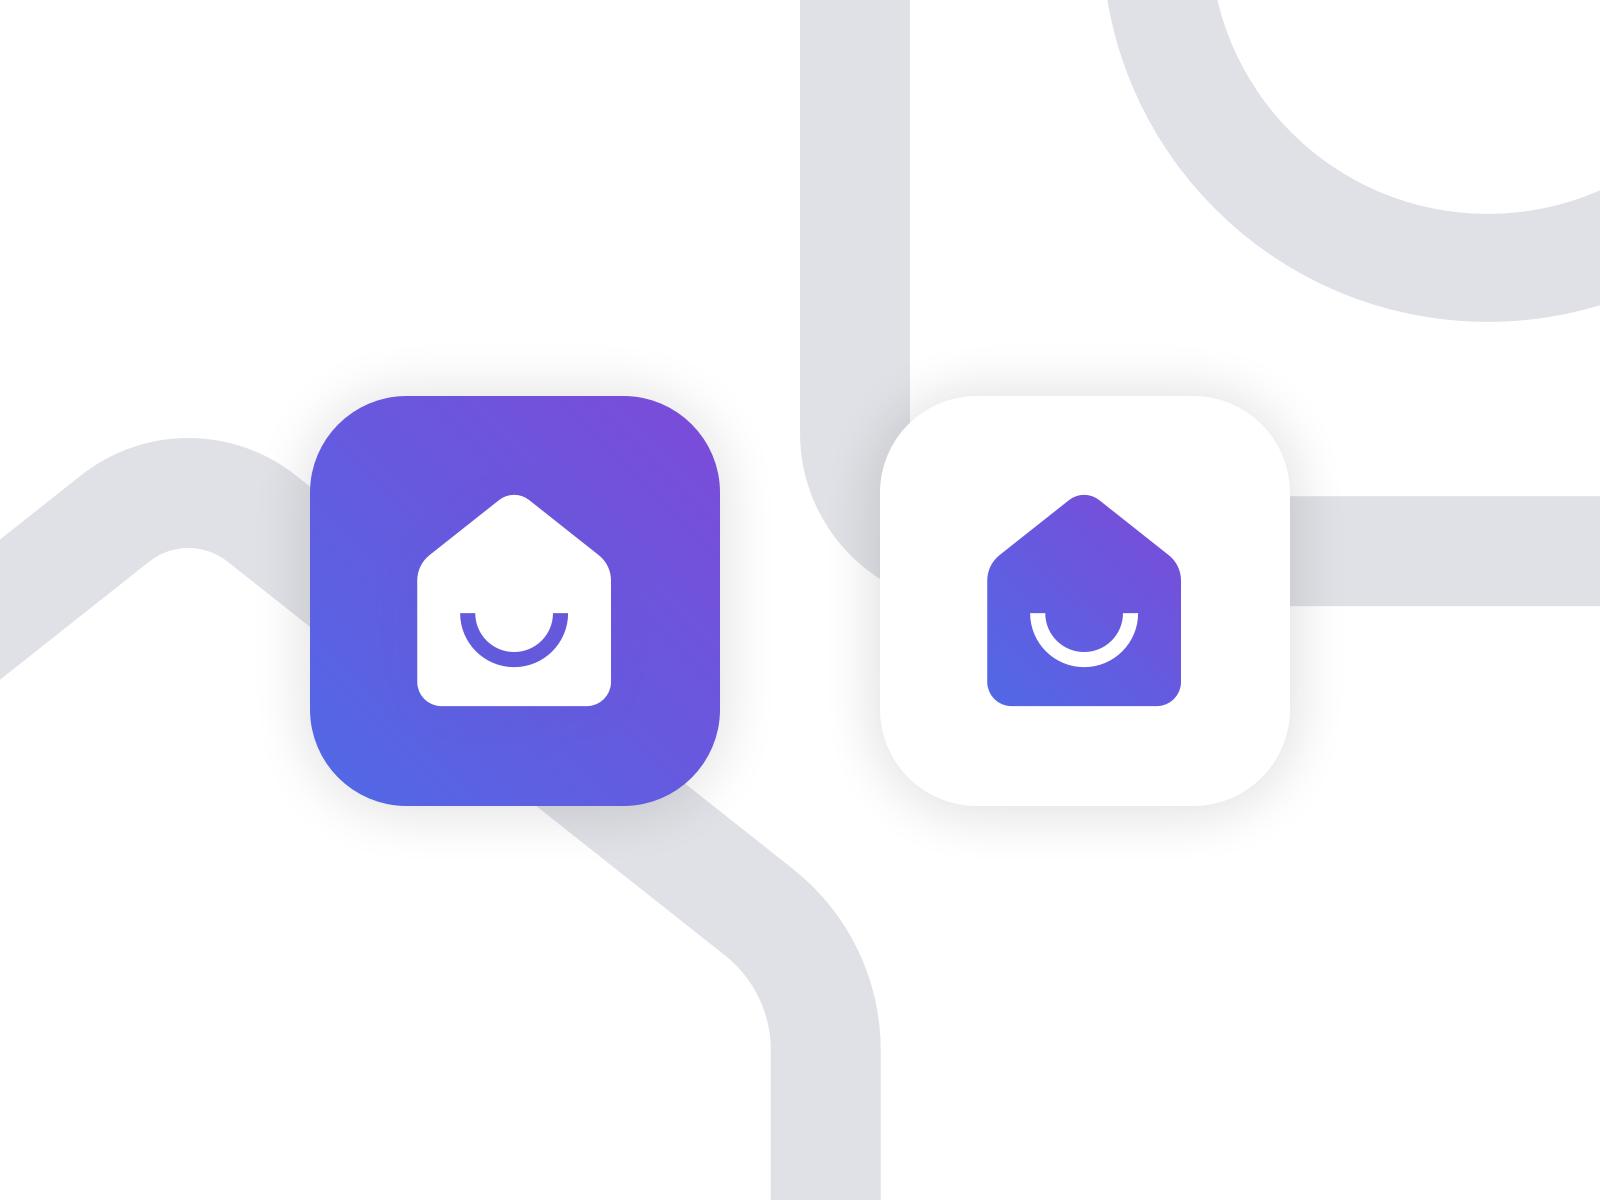 Hmly app icon